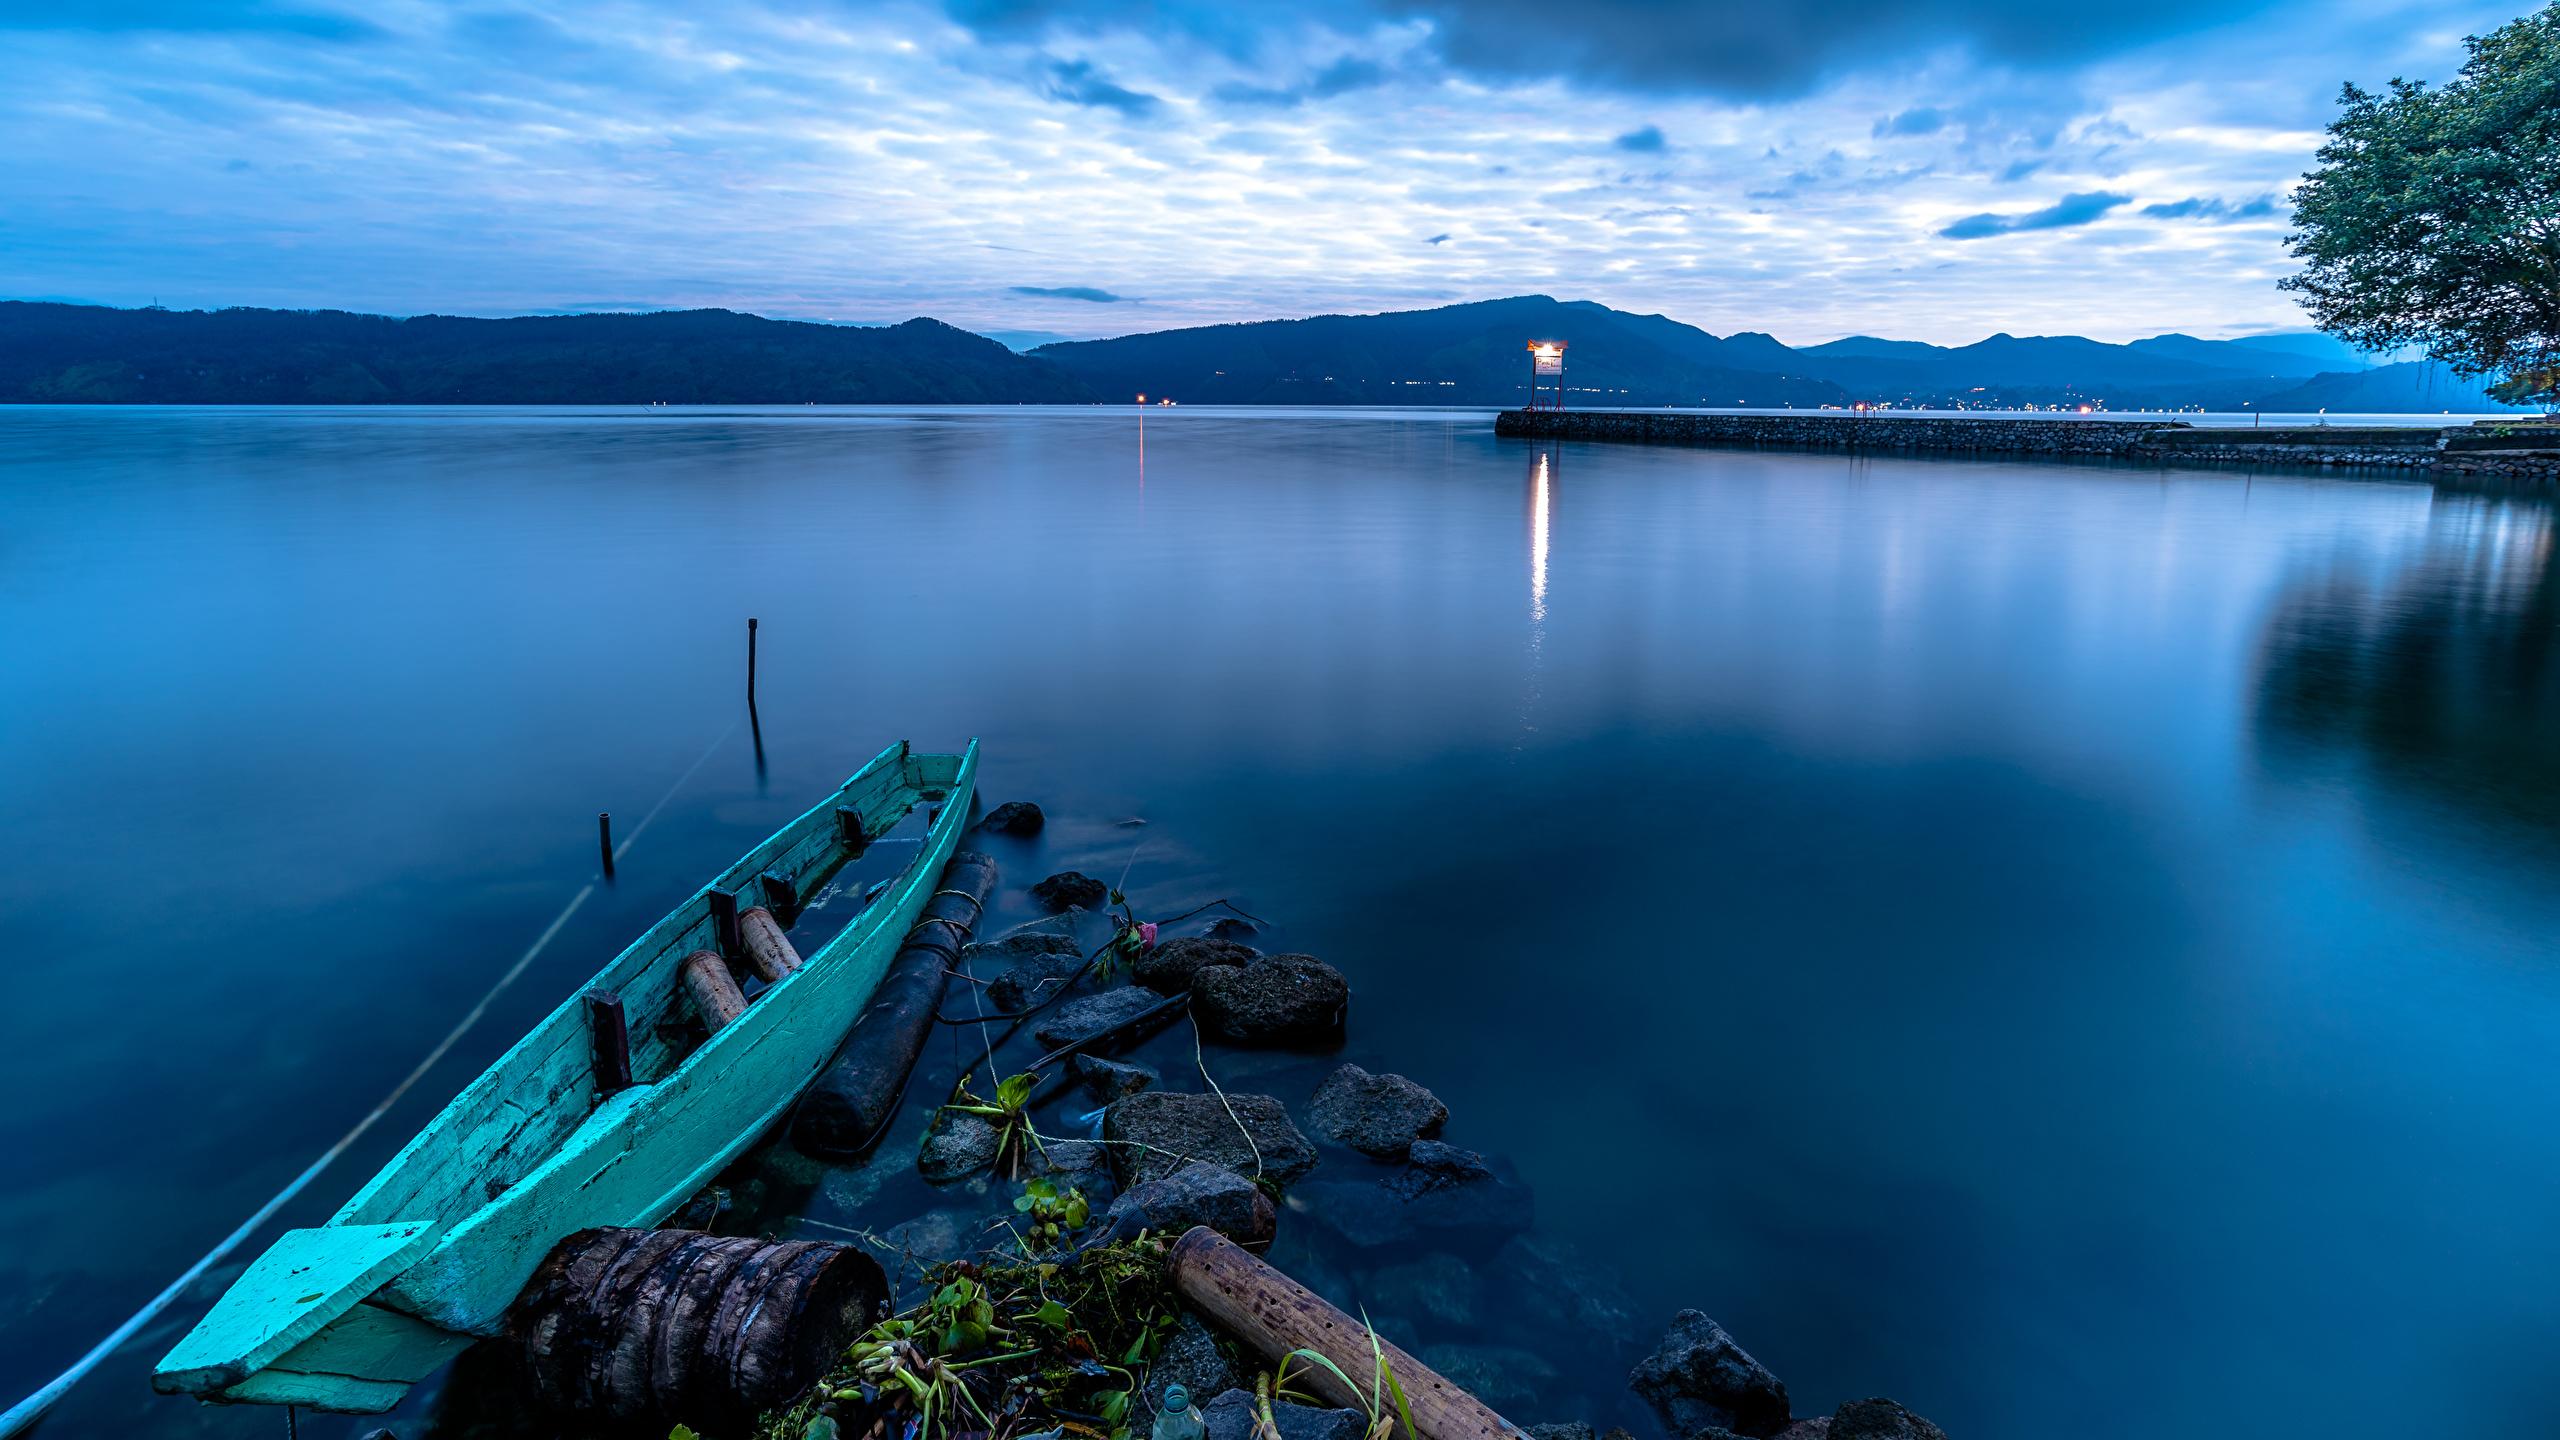 Fonds Decran 2560x1440 Indonésie Lac Levers Et Couchers De